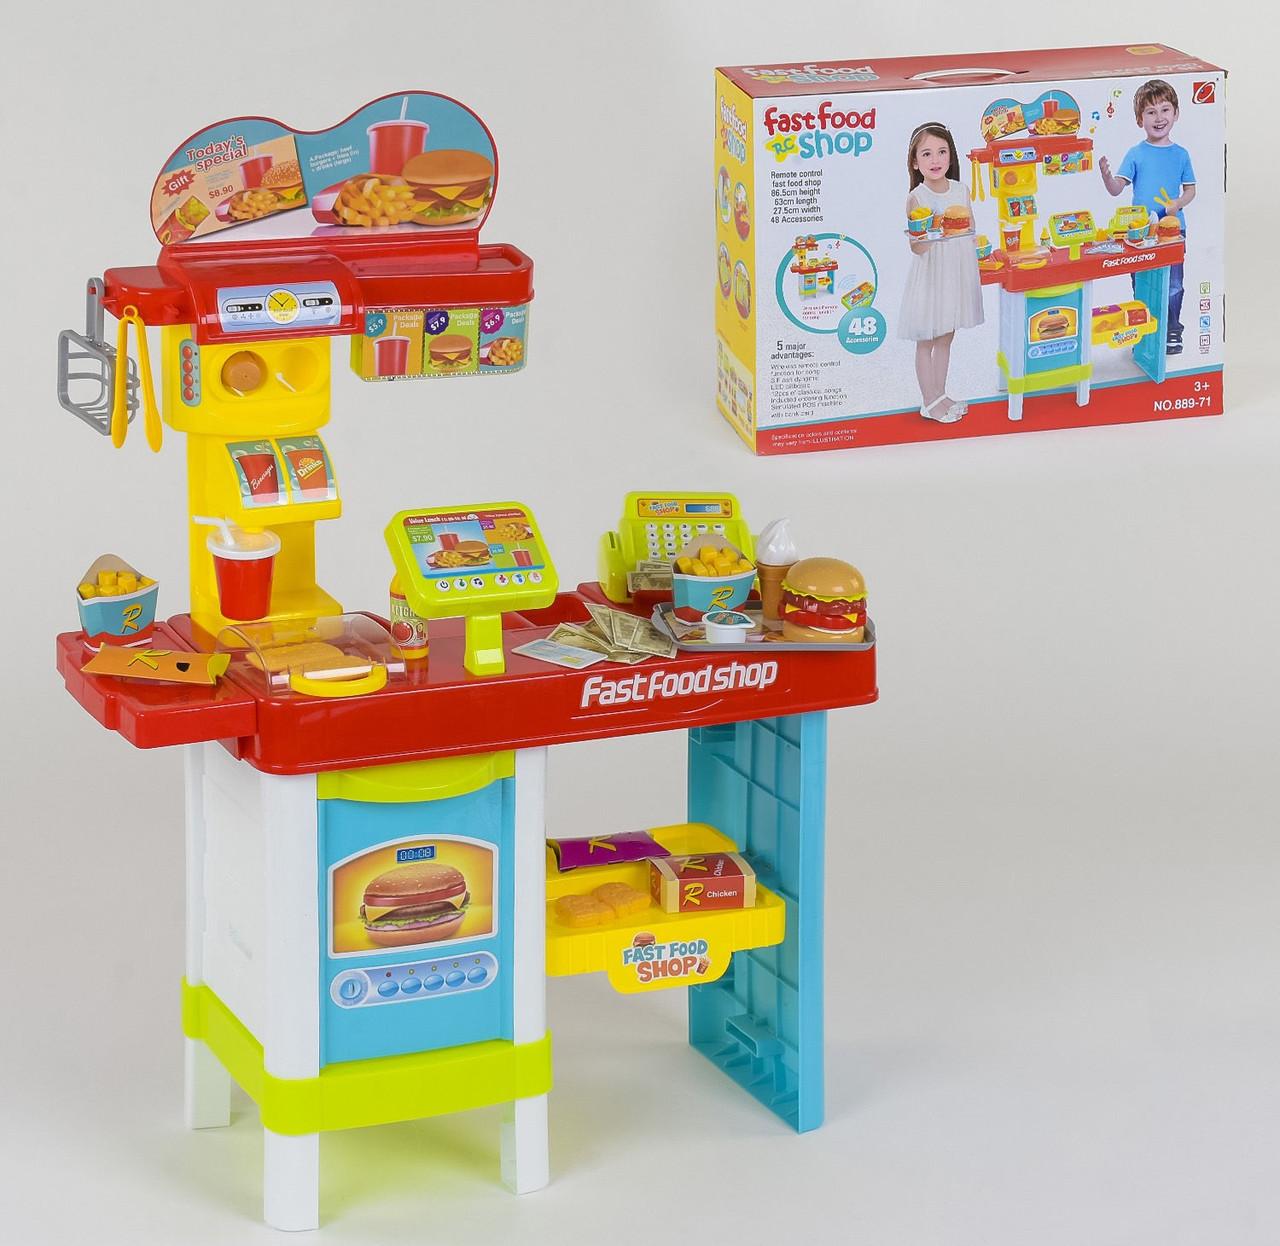 Детский игровой набор Магазин Фастфуд, 48 предметов (световые и звуковые эффекты)